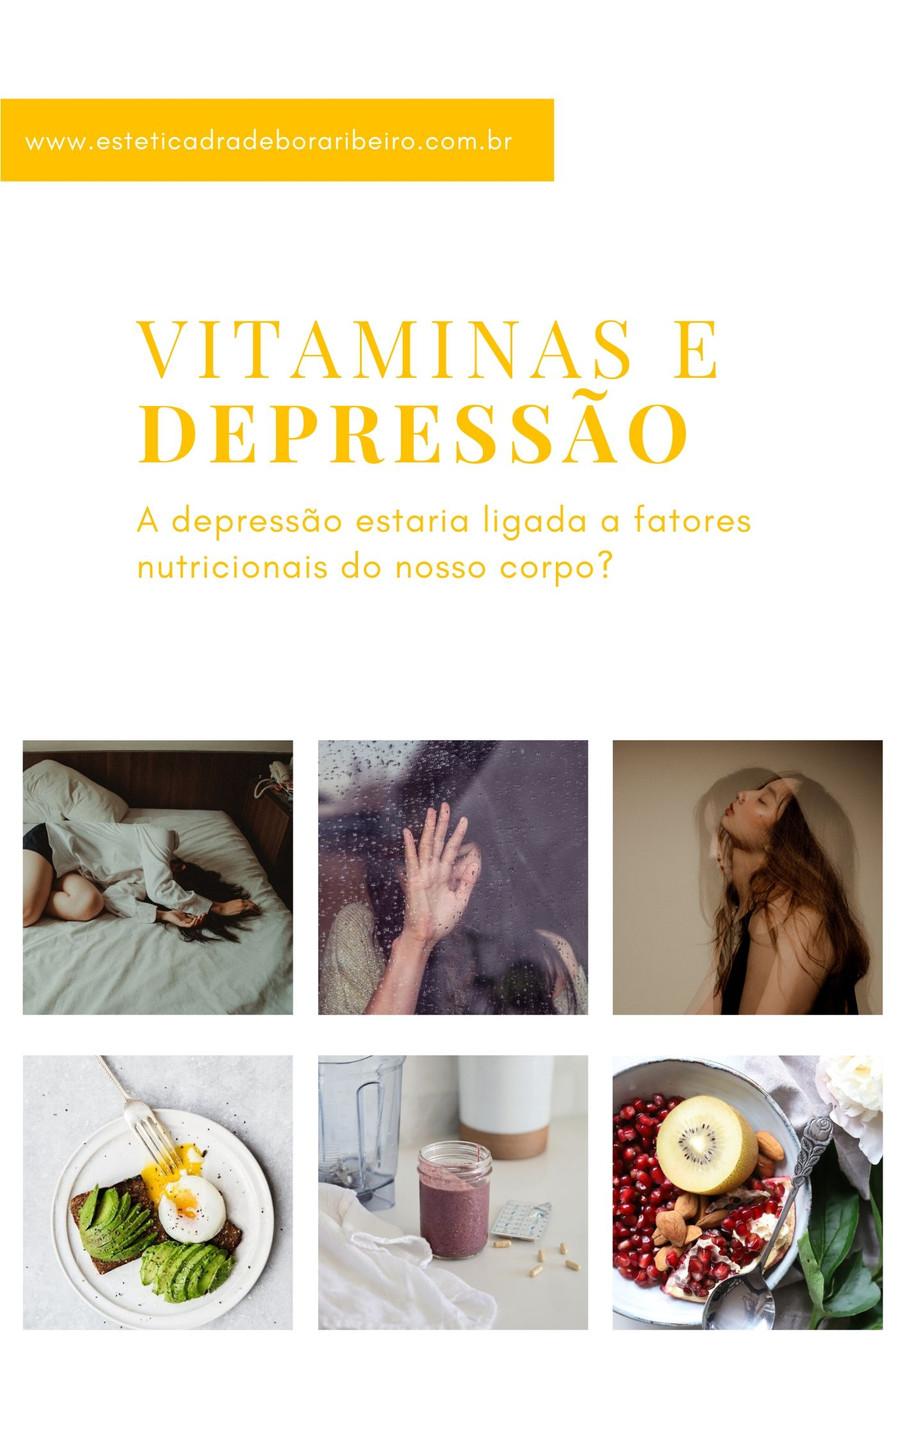 Depressão pode estar ligada com a falta de vitaminas